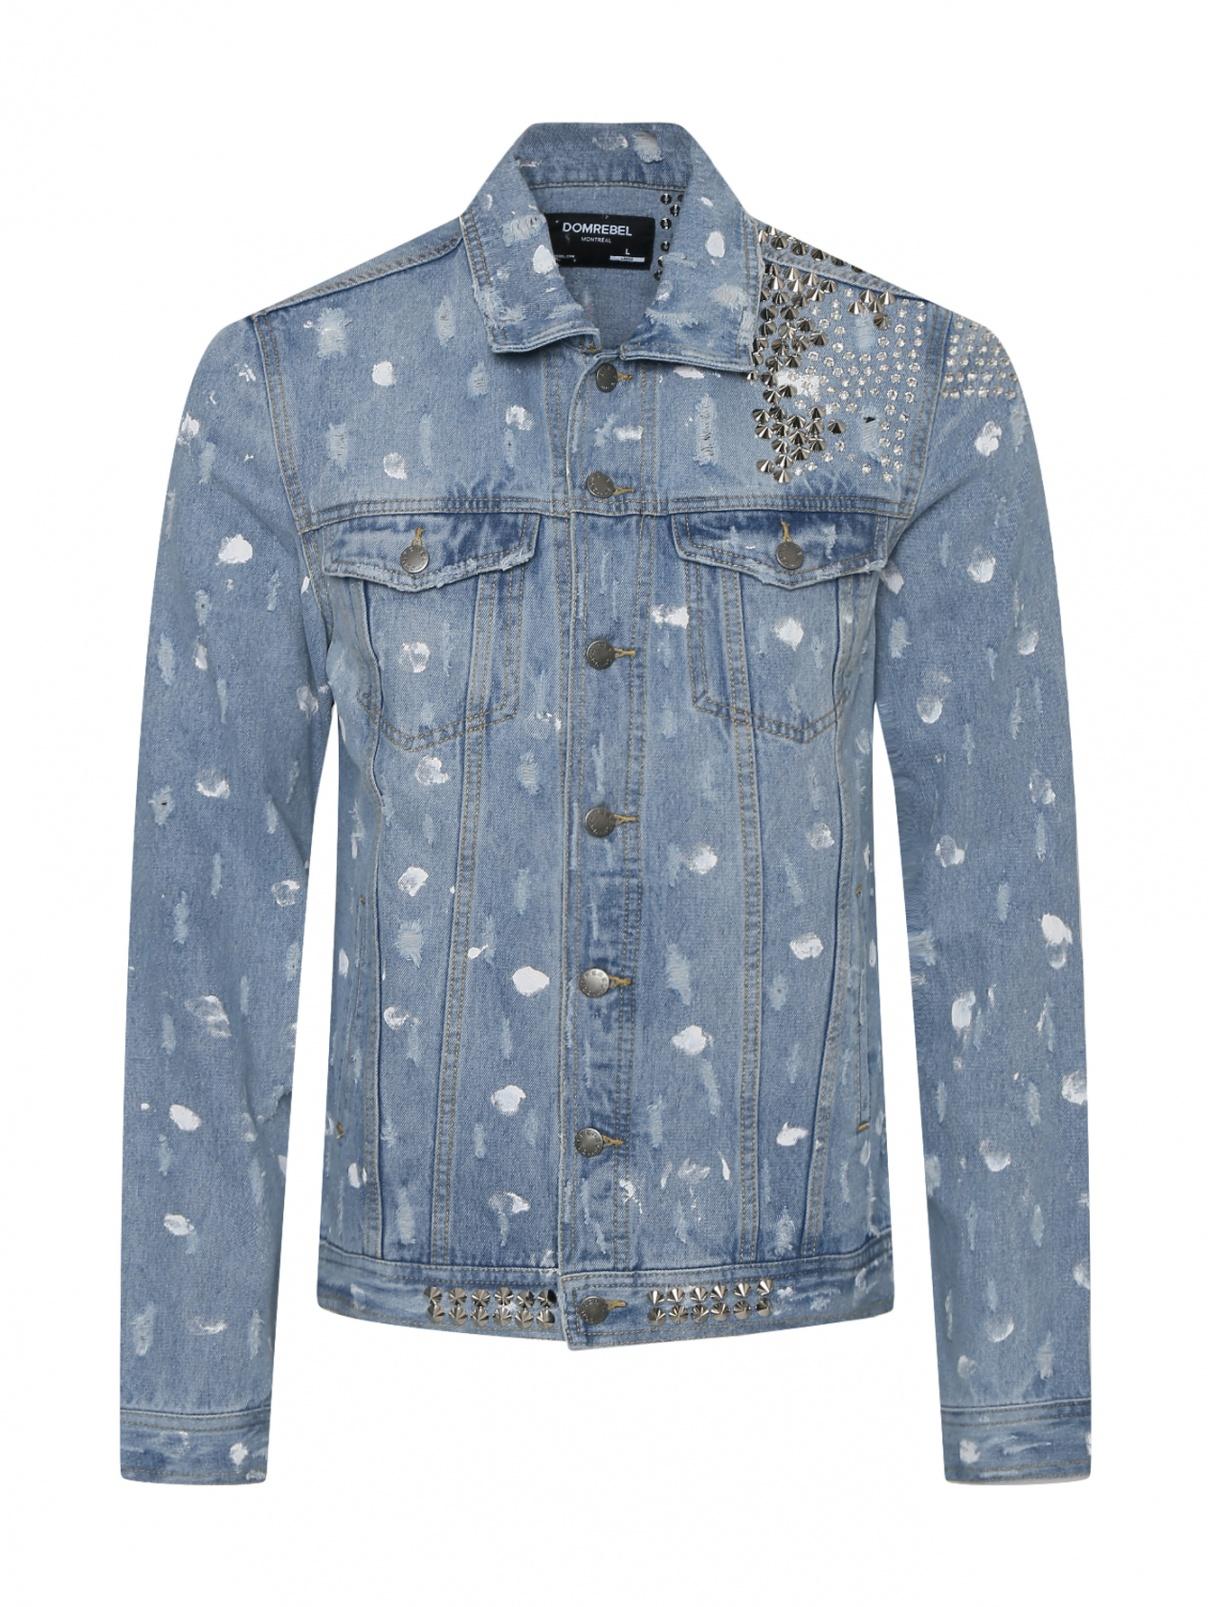 Джинсовая куртка из хлопка с металлическими аппликациями Dom Rebel Montréal  –  Общий вид  – Цвет:  Синий